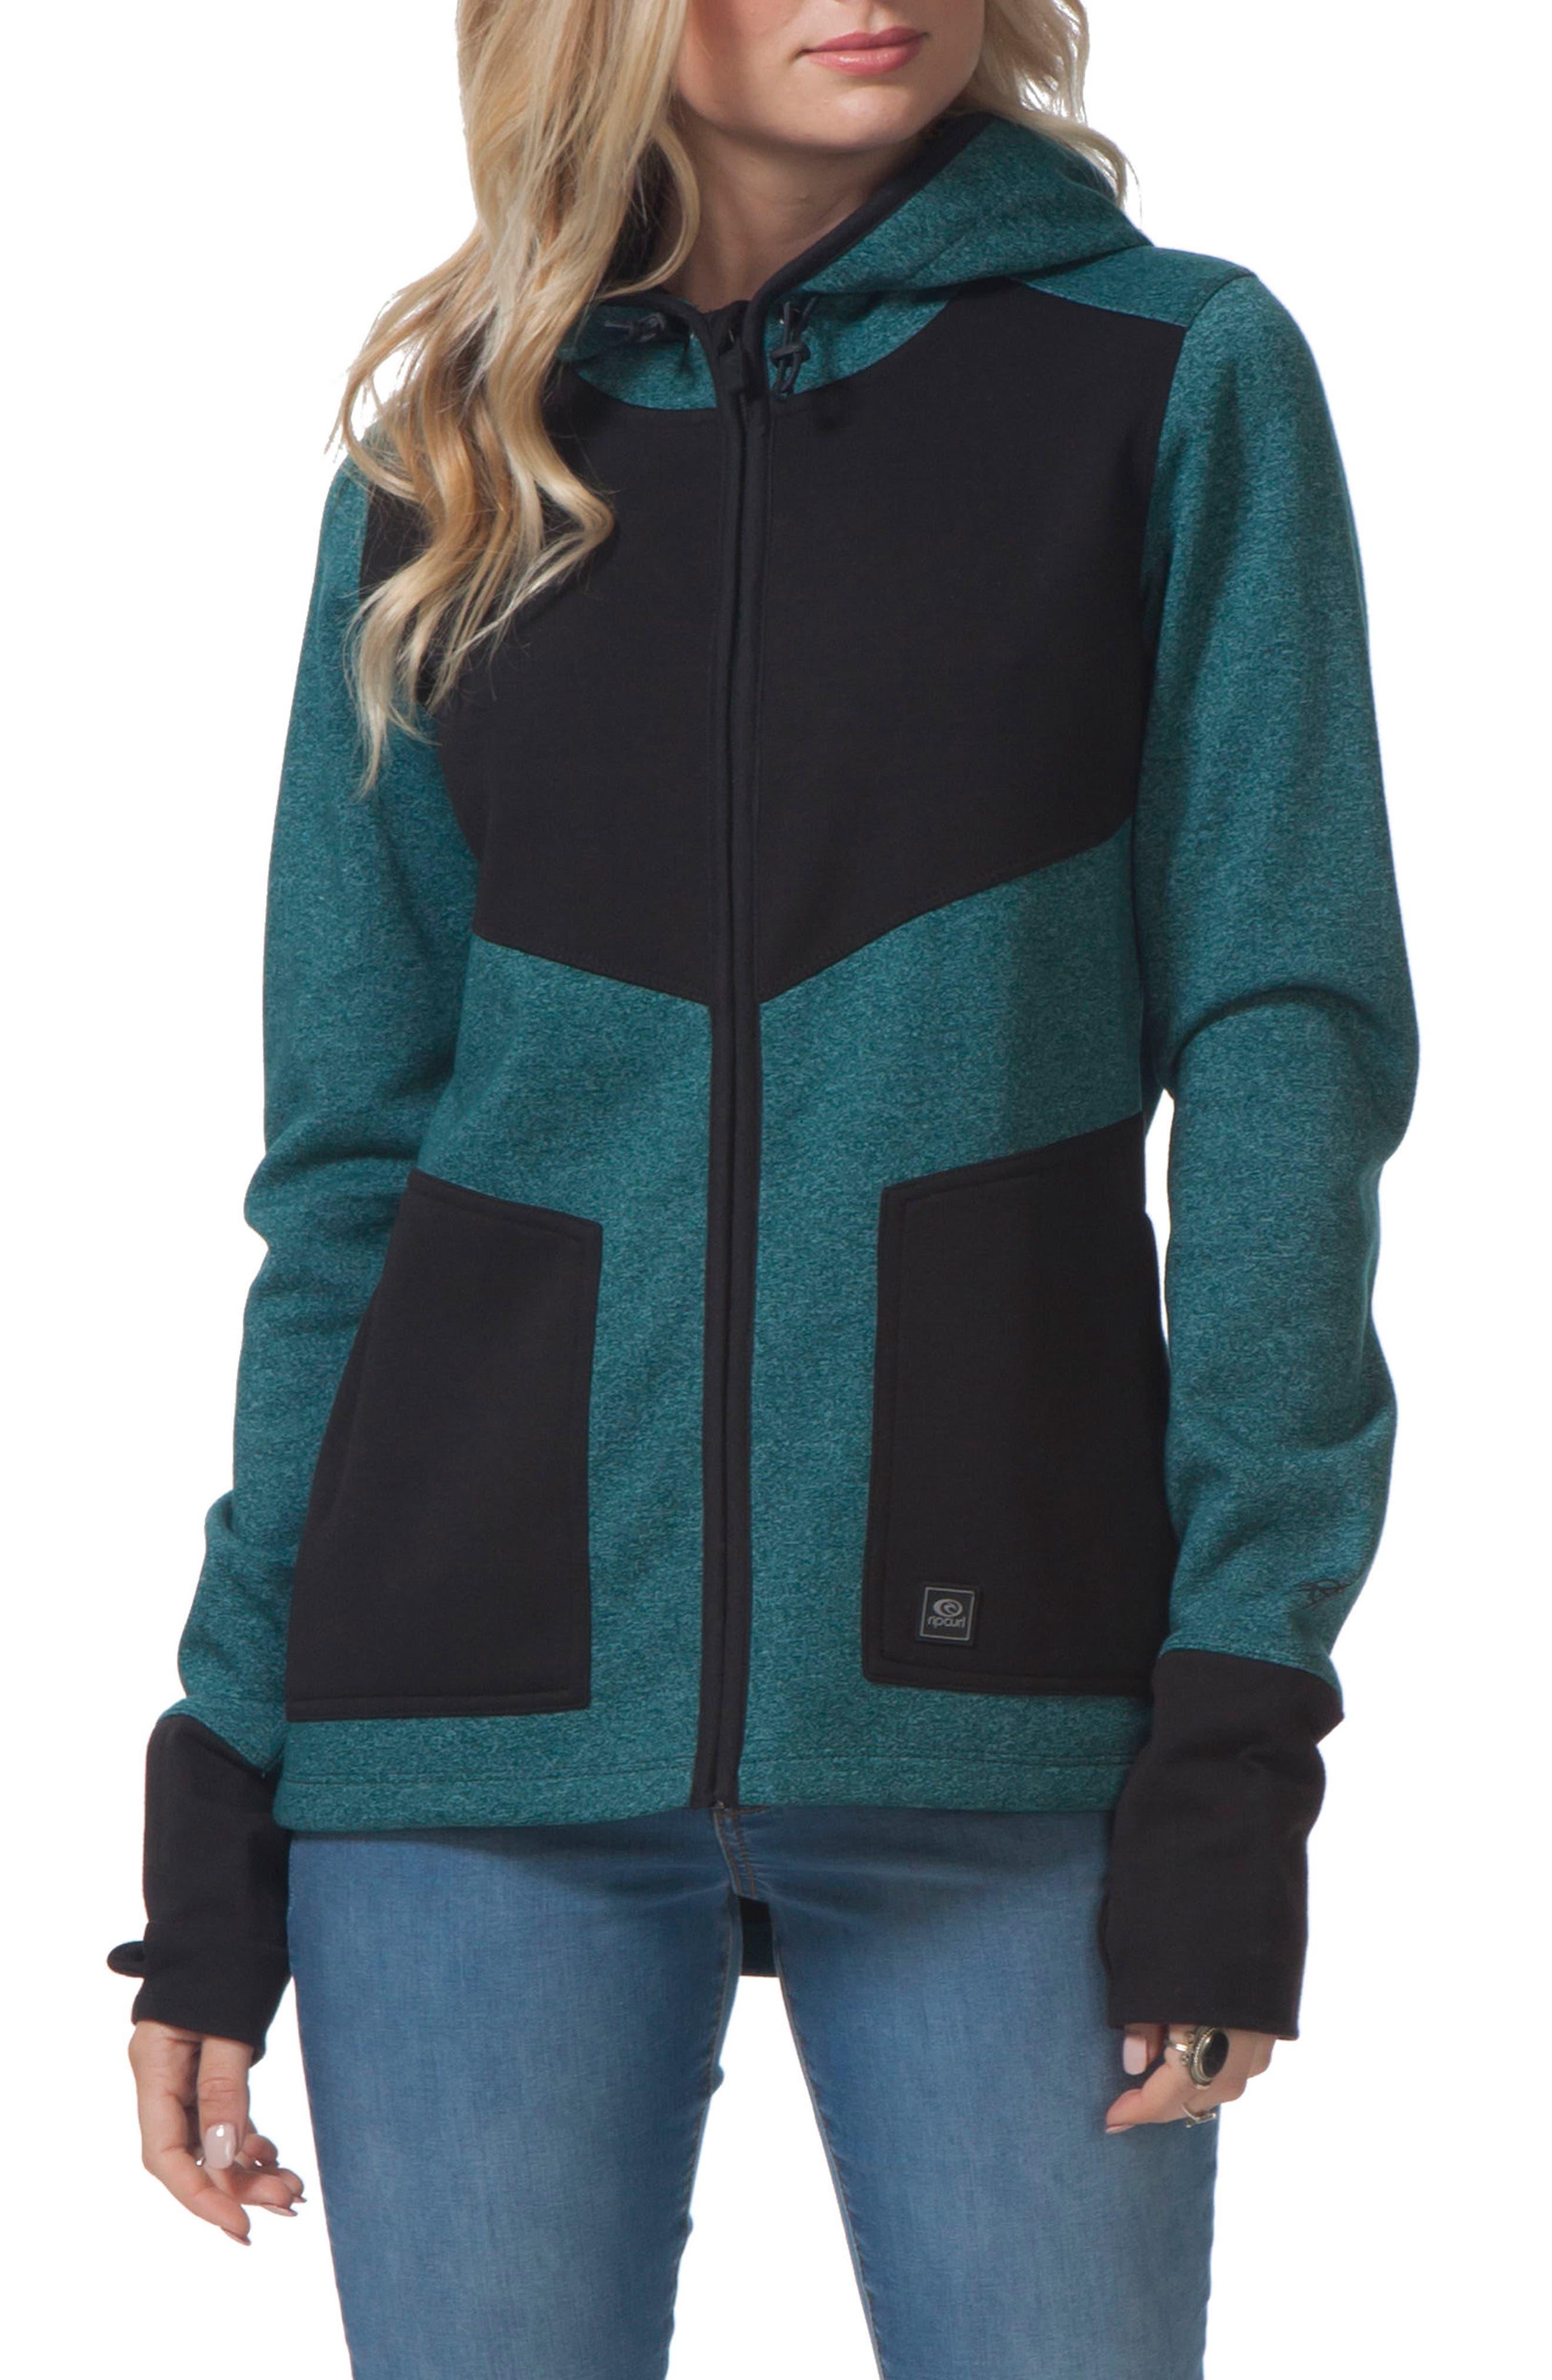 Rip Curl Espy Anti Series Hooded Jacket